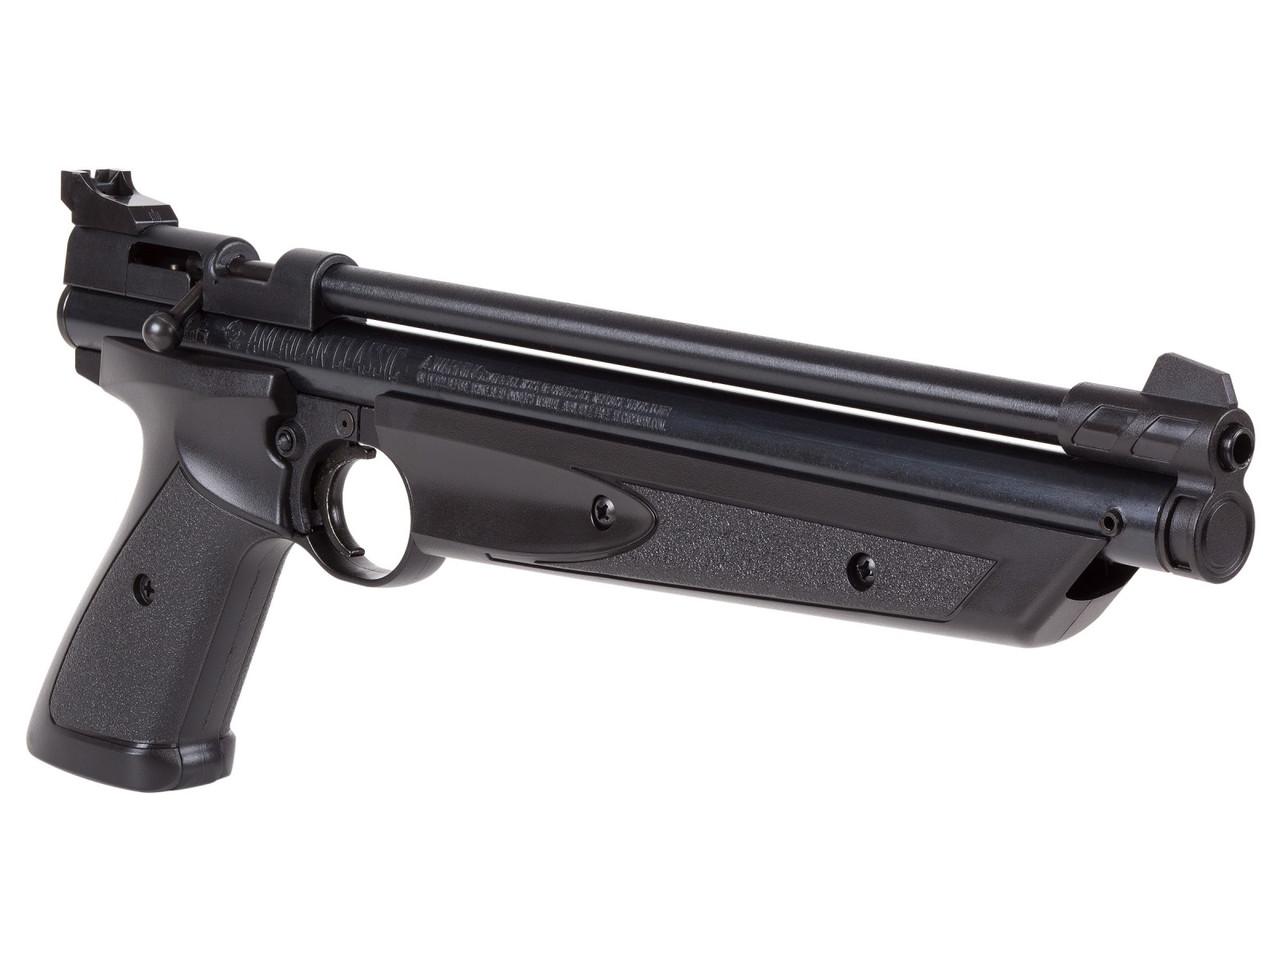 Пистолет пневматический Crosman 1377 Black American Classic, с предварительной накачкой